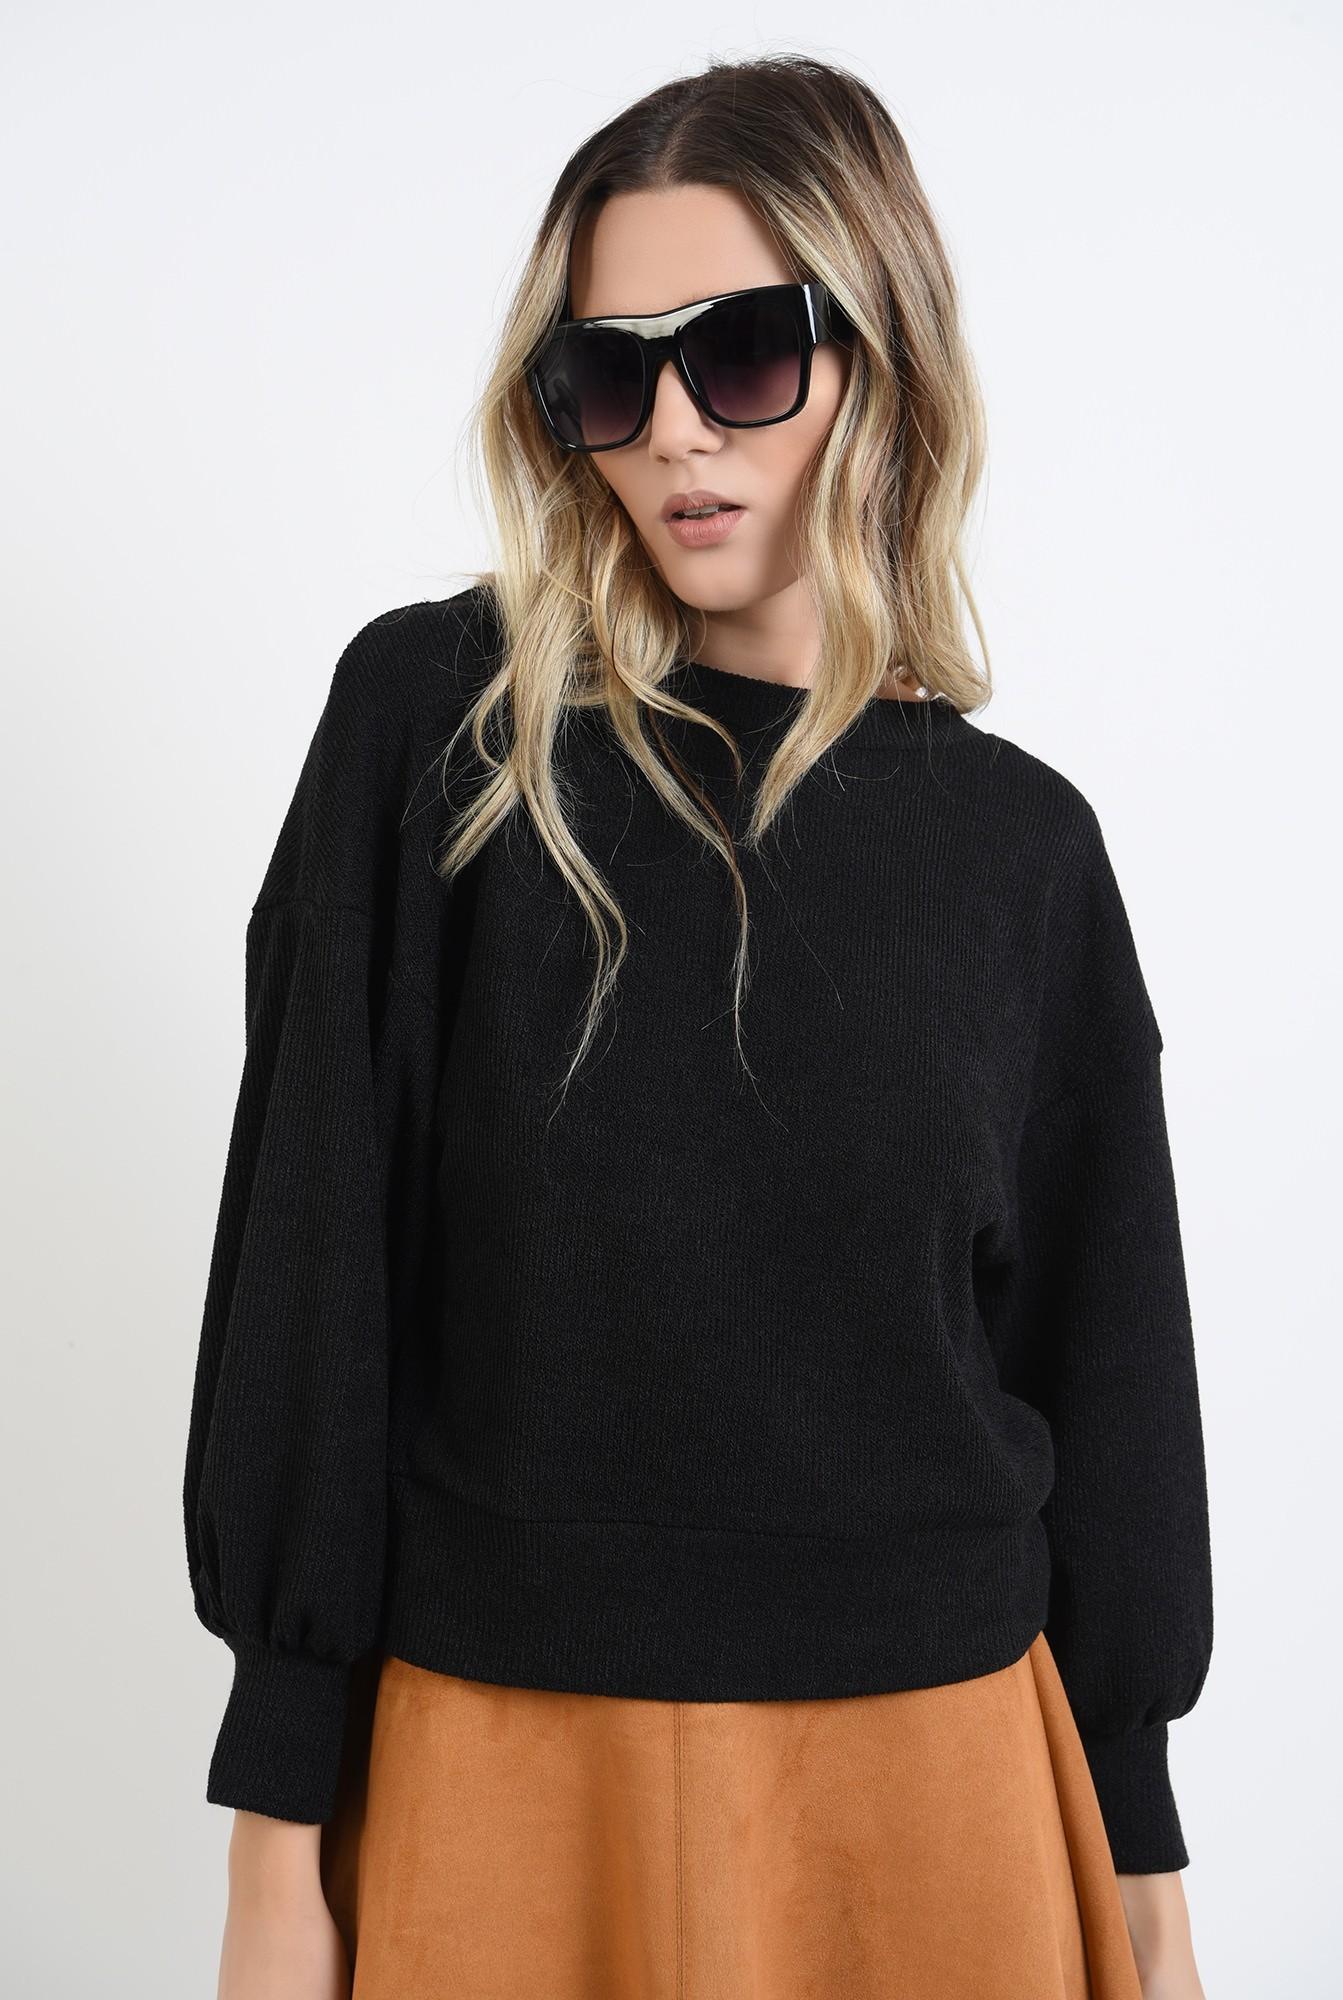 2 - pulover negru, cu maneca bufanta, cu spatele decupat